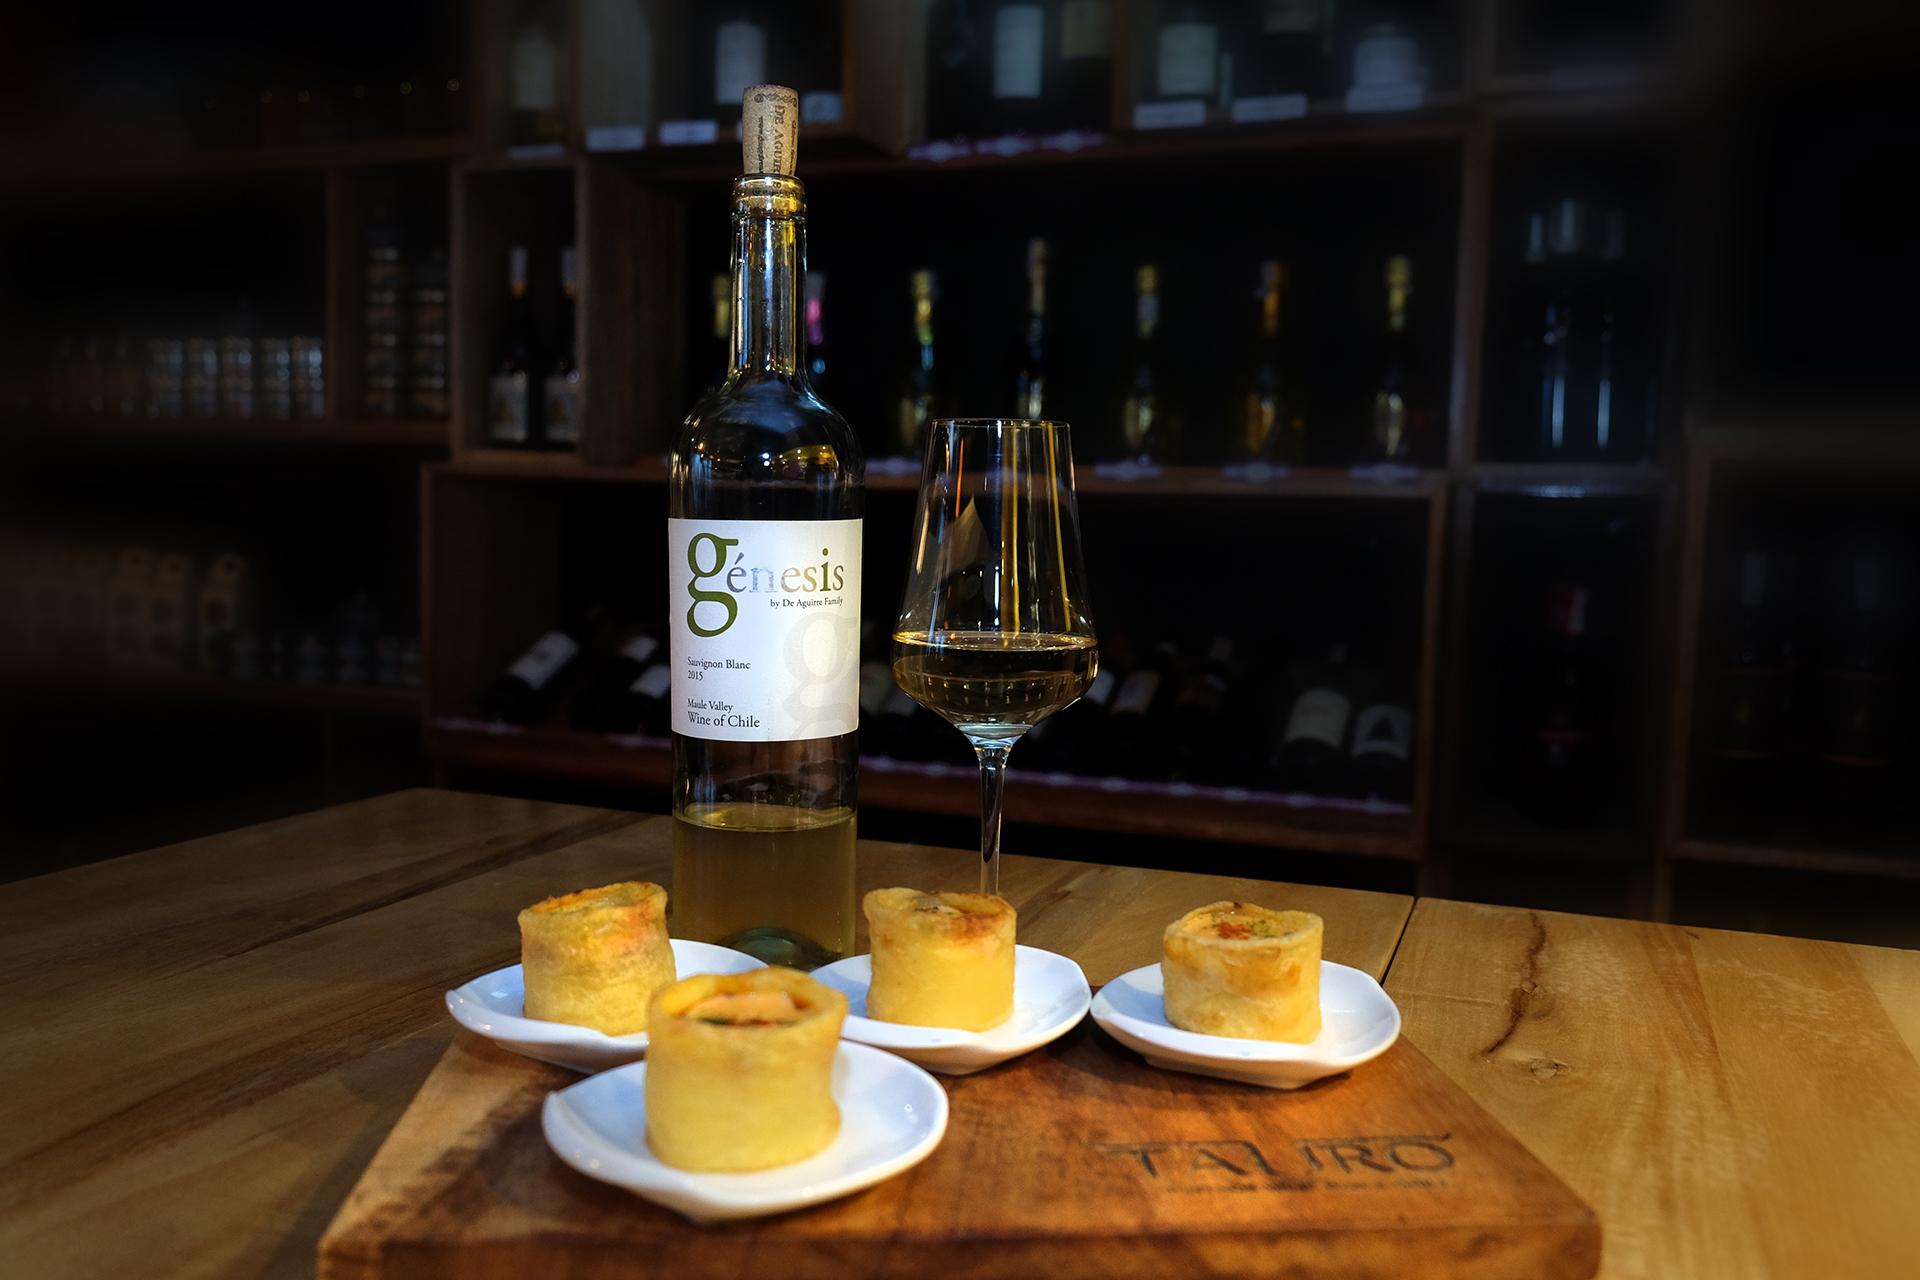 Kết quả hình ảnh cho genesis sauvignon blanc